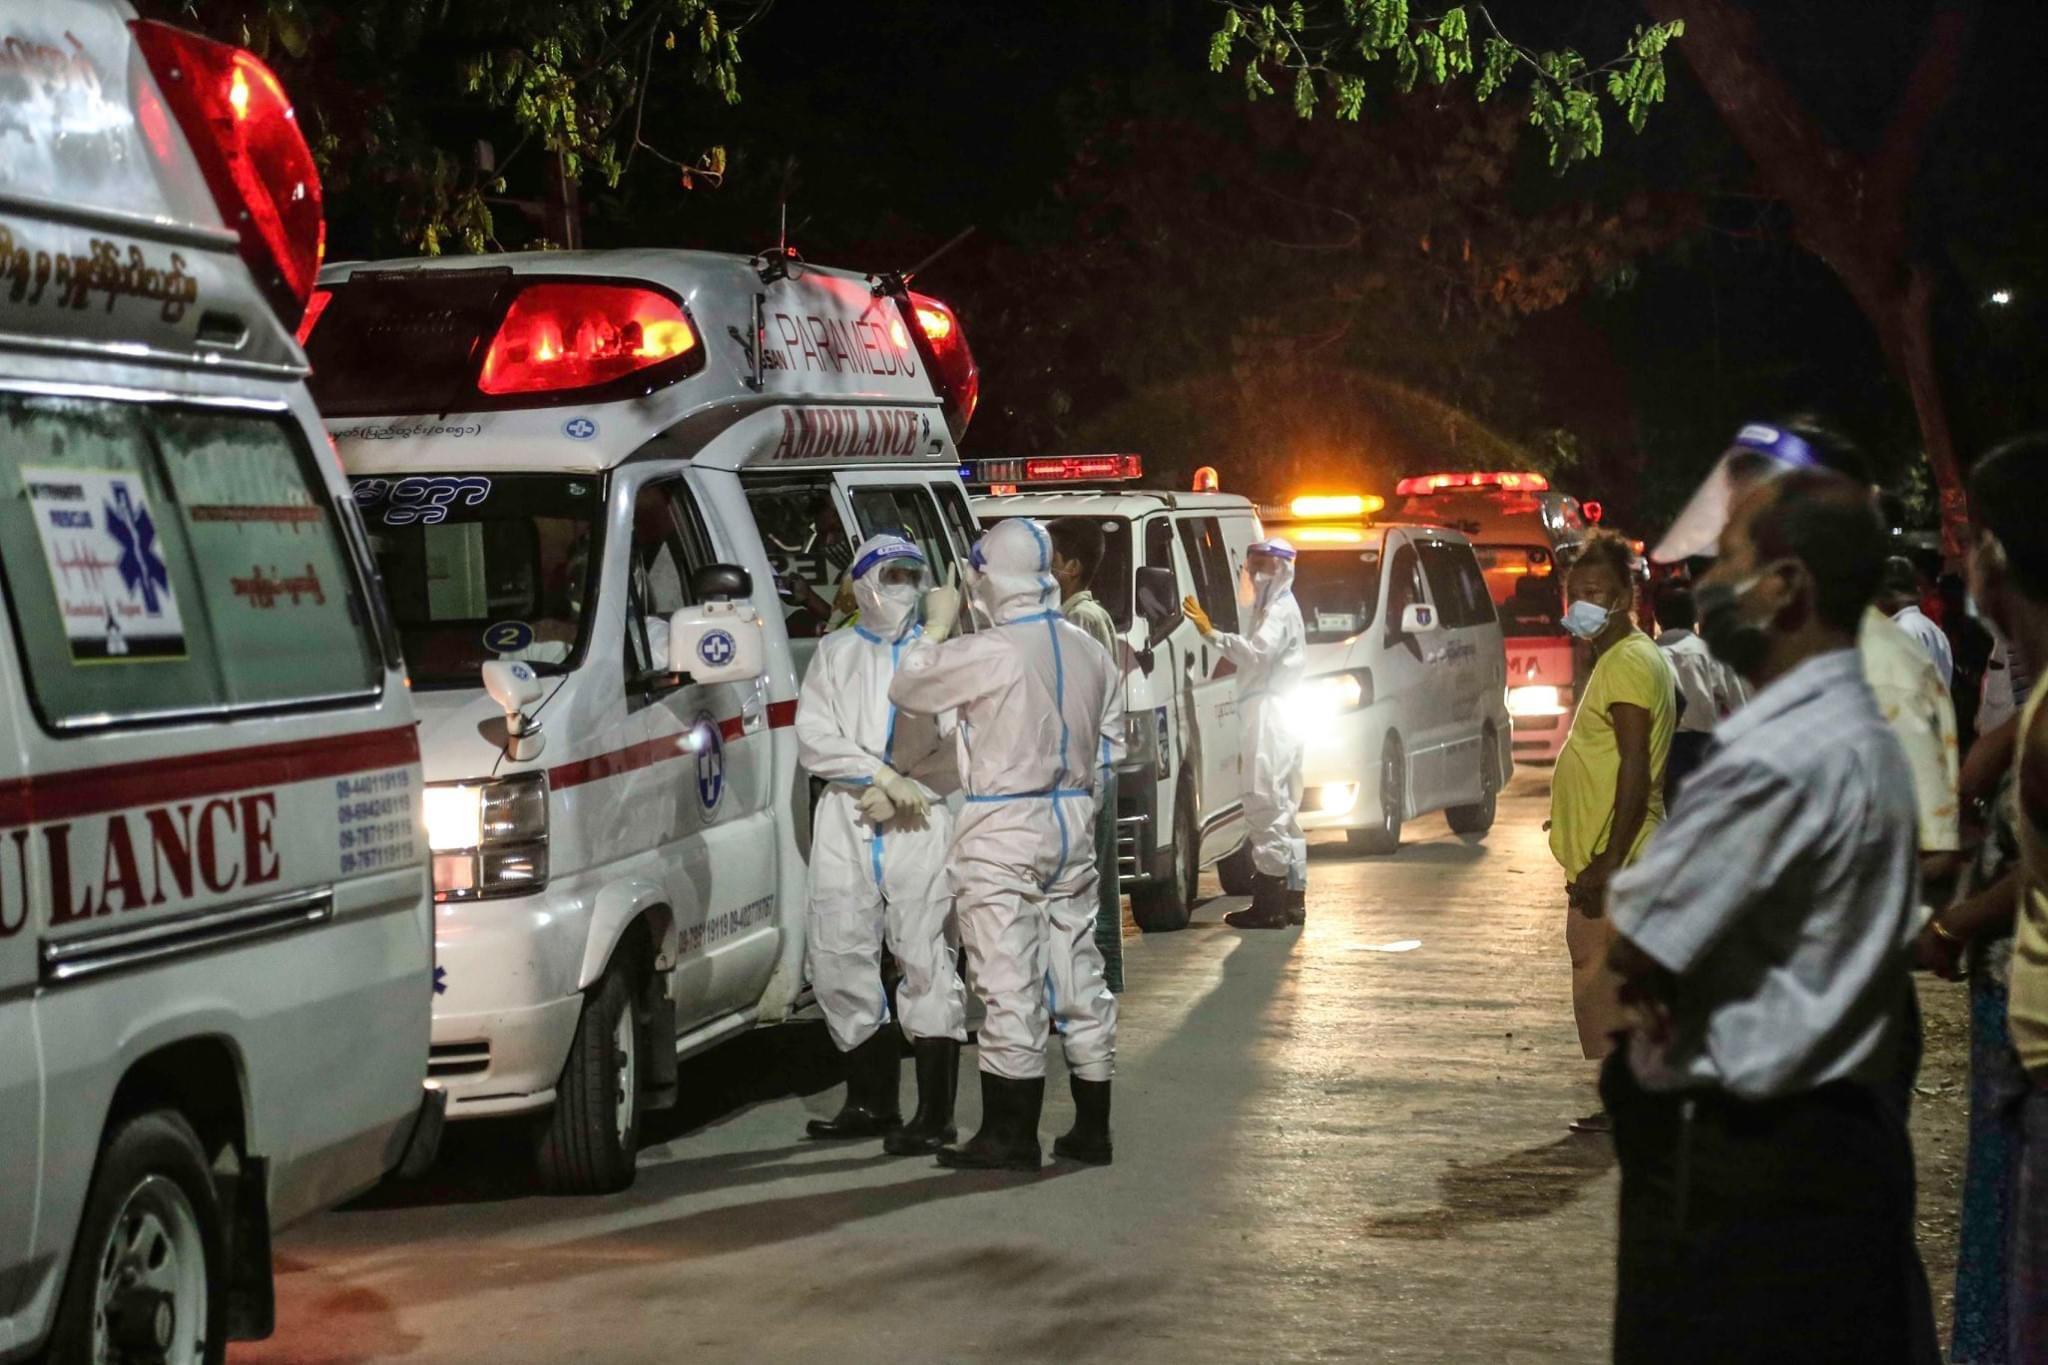 疫情进一步发展 缅甸多地提升防控措施